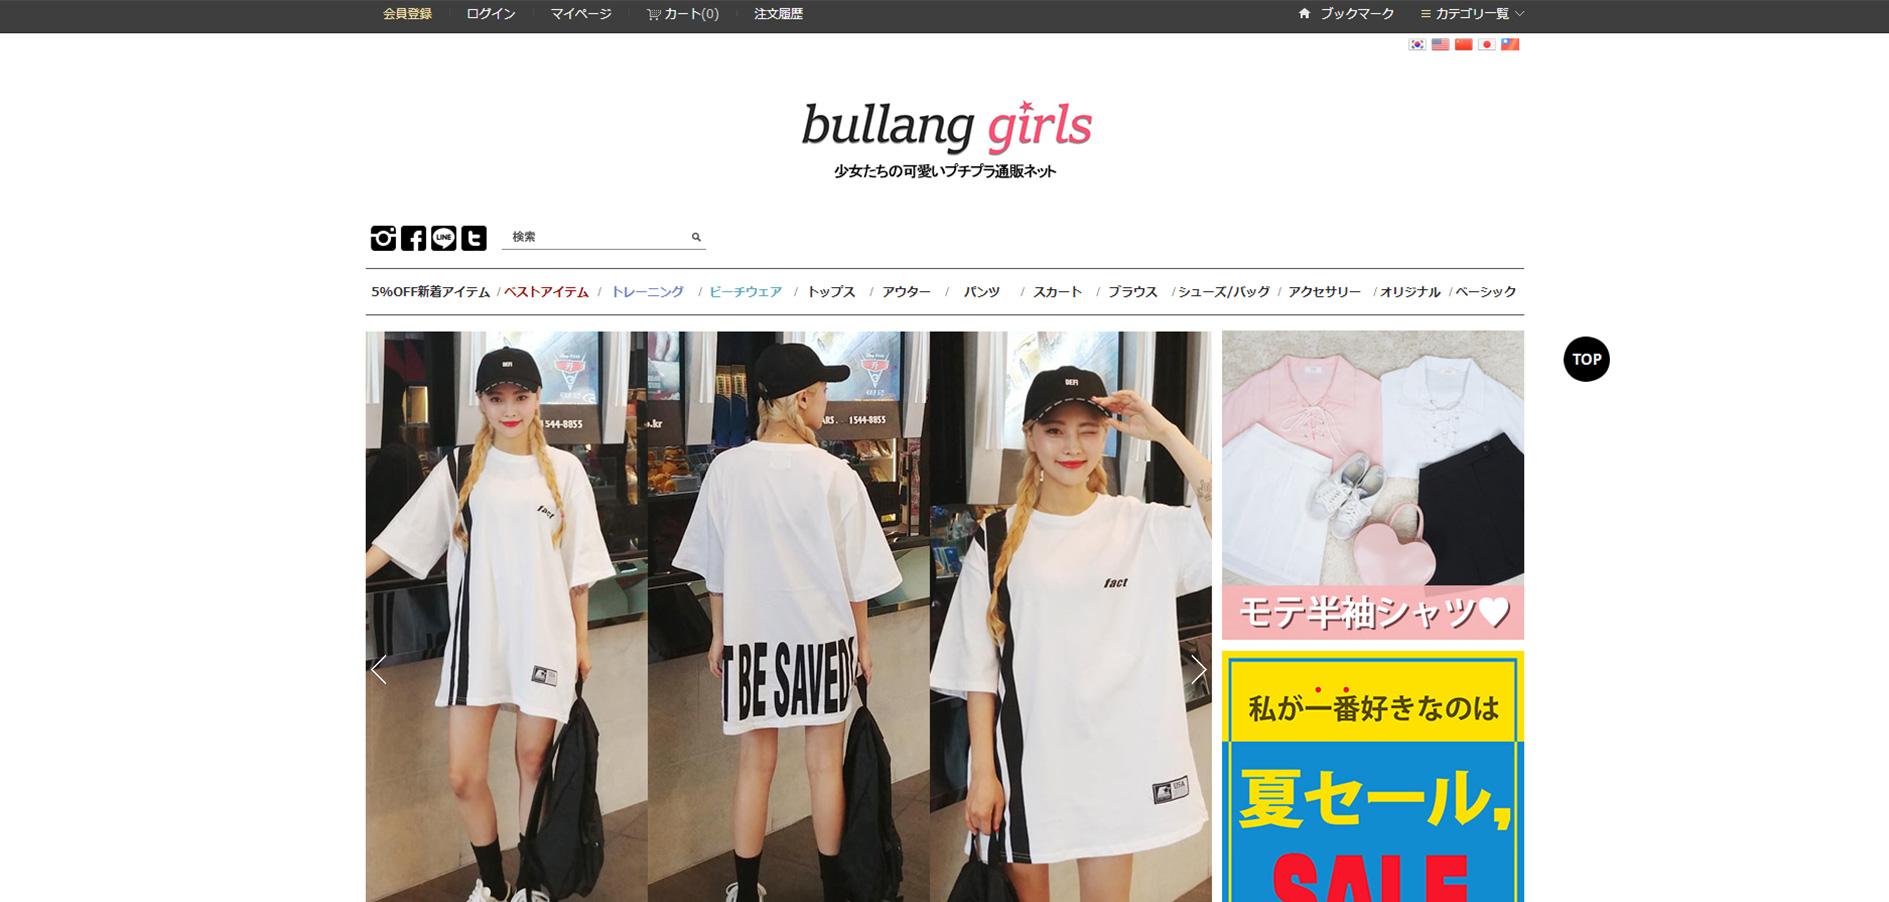 20代におすすめな韓国ファッション通販サイトのbullang girls(ブランガールズ)